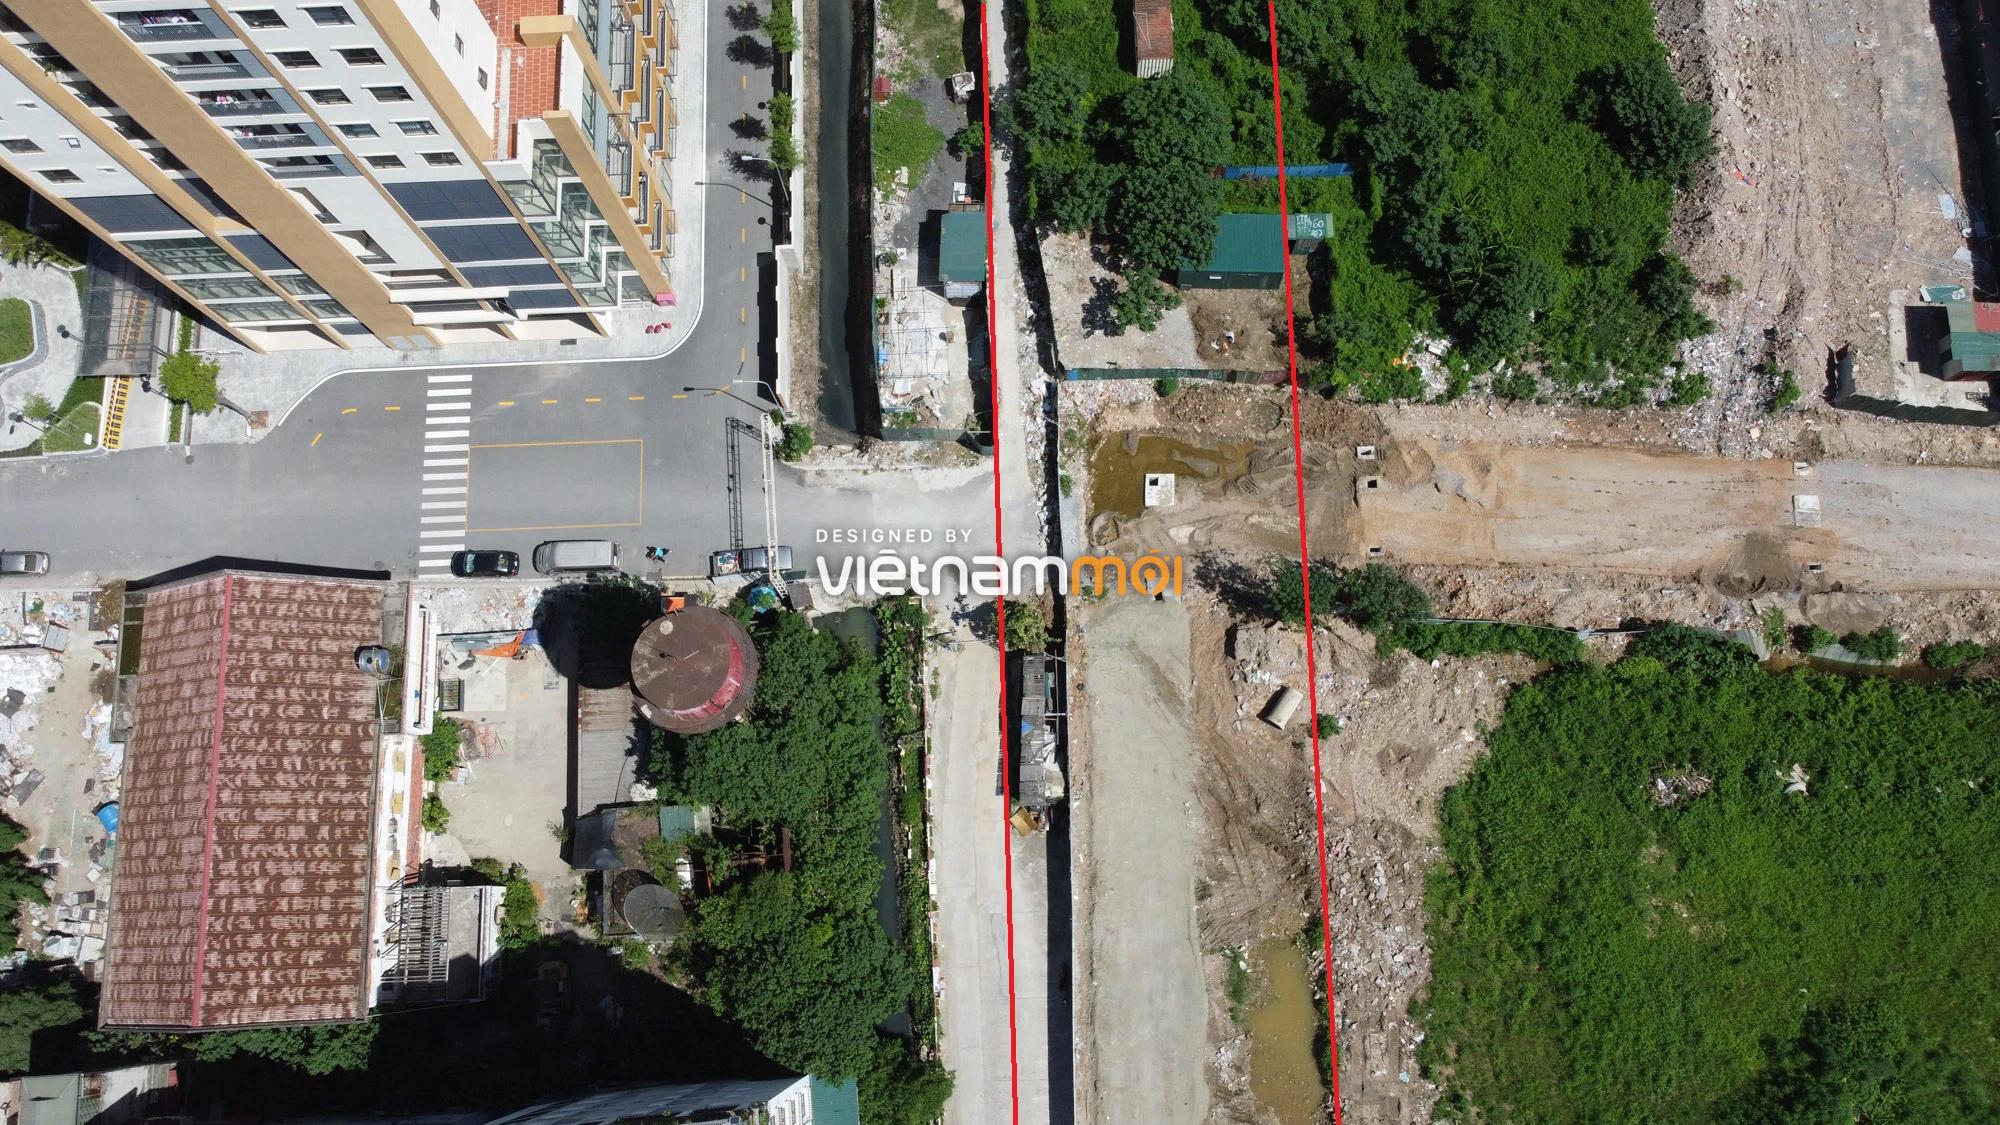 Những khu đất sắp thu hồi để mở đường ở xã Tân Triều, Thanh Trì Hà Nội (phần 1) - Ảnh 9.